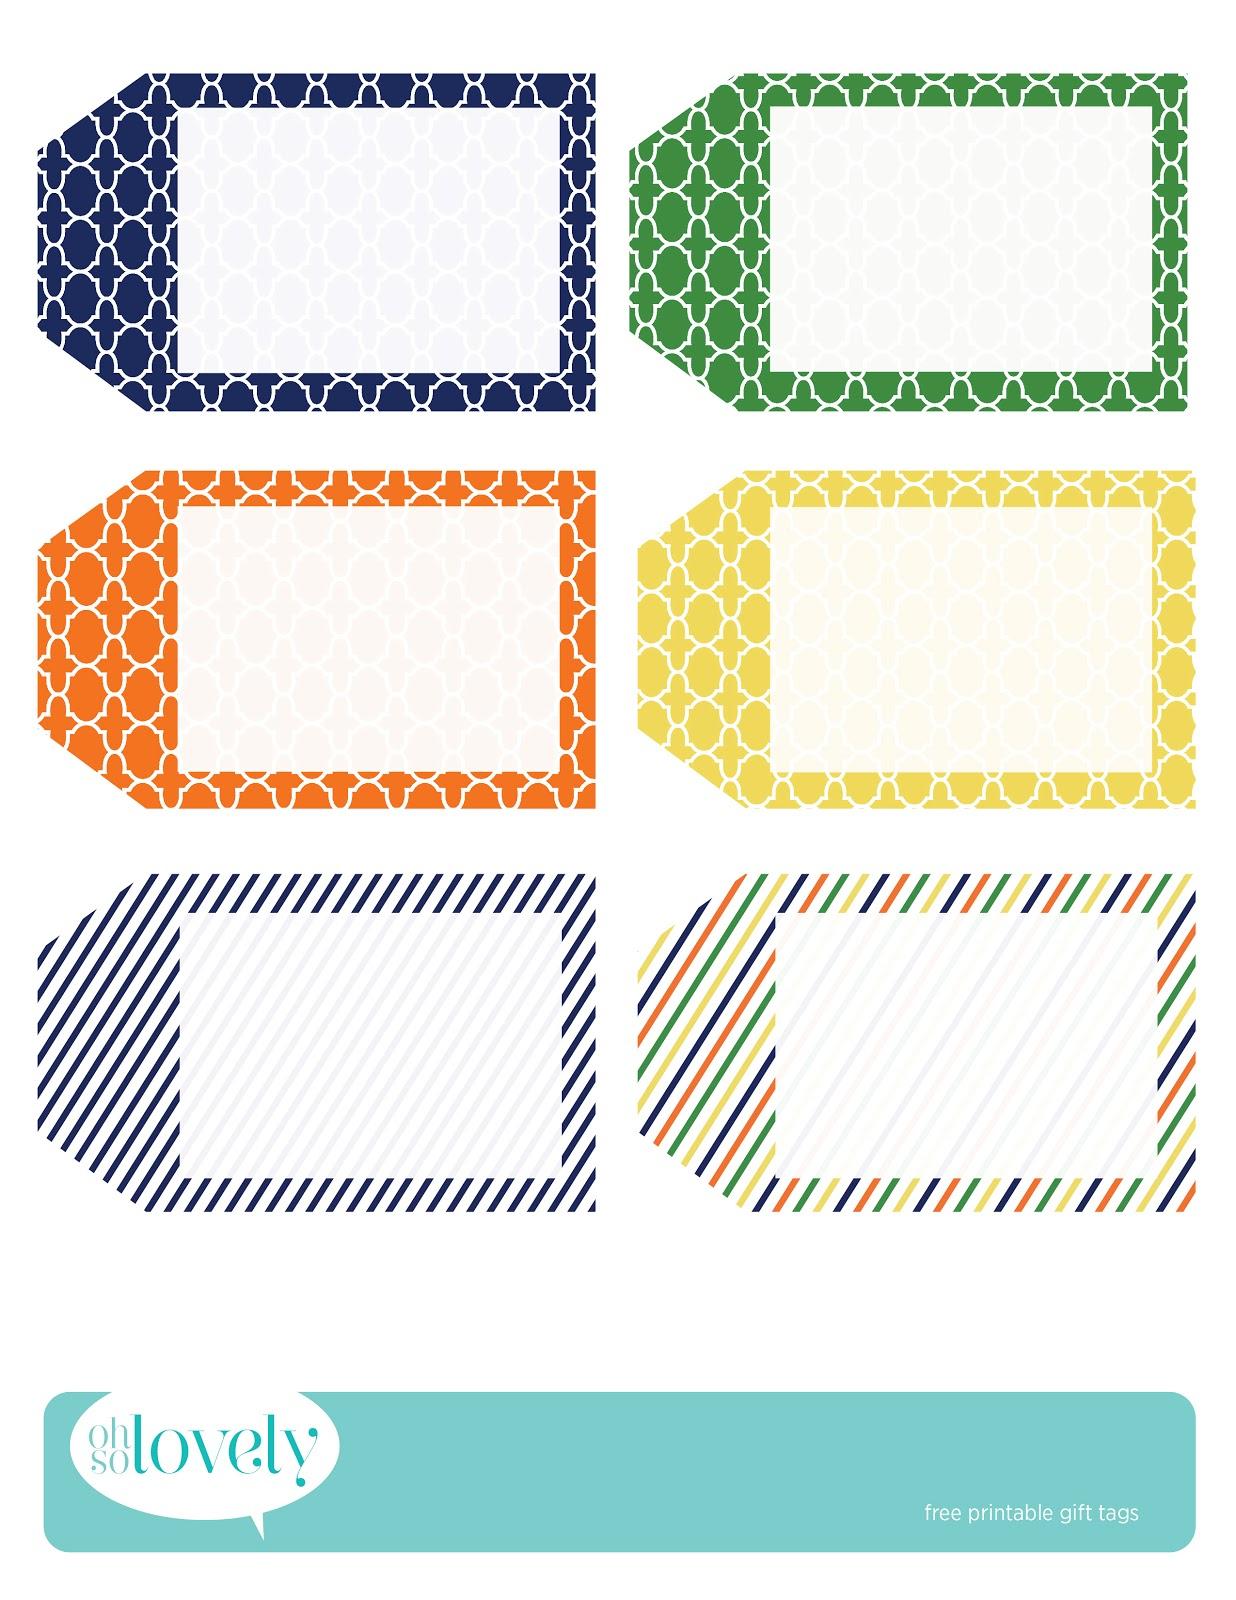 022 Printable Gift Tags Templates Birthday Tag Template ~ Ulyssesroom - Free Printable Gift Tags Templates